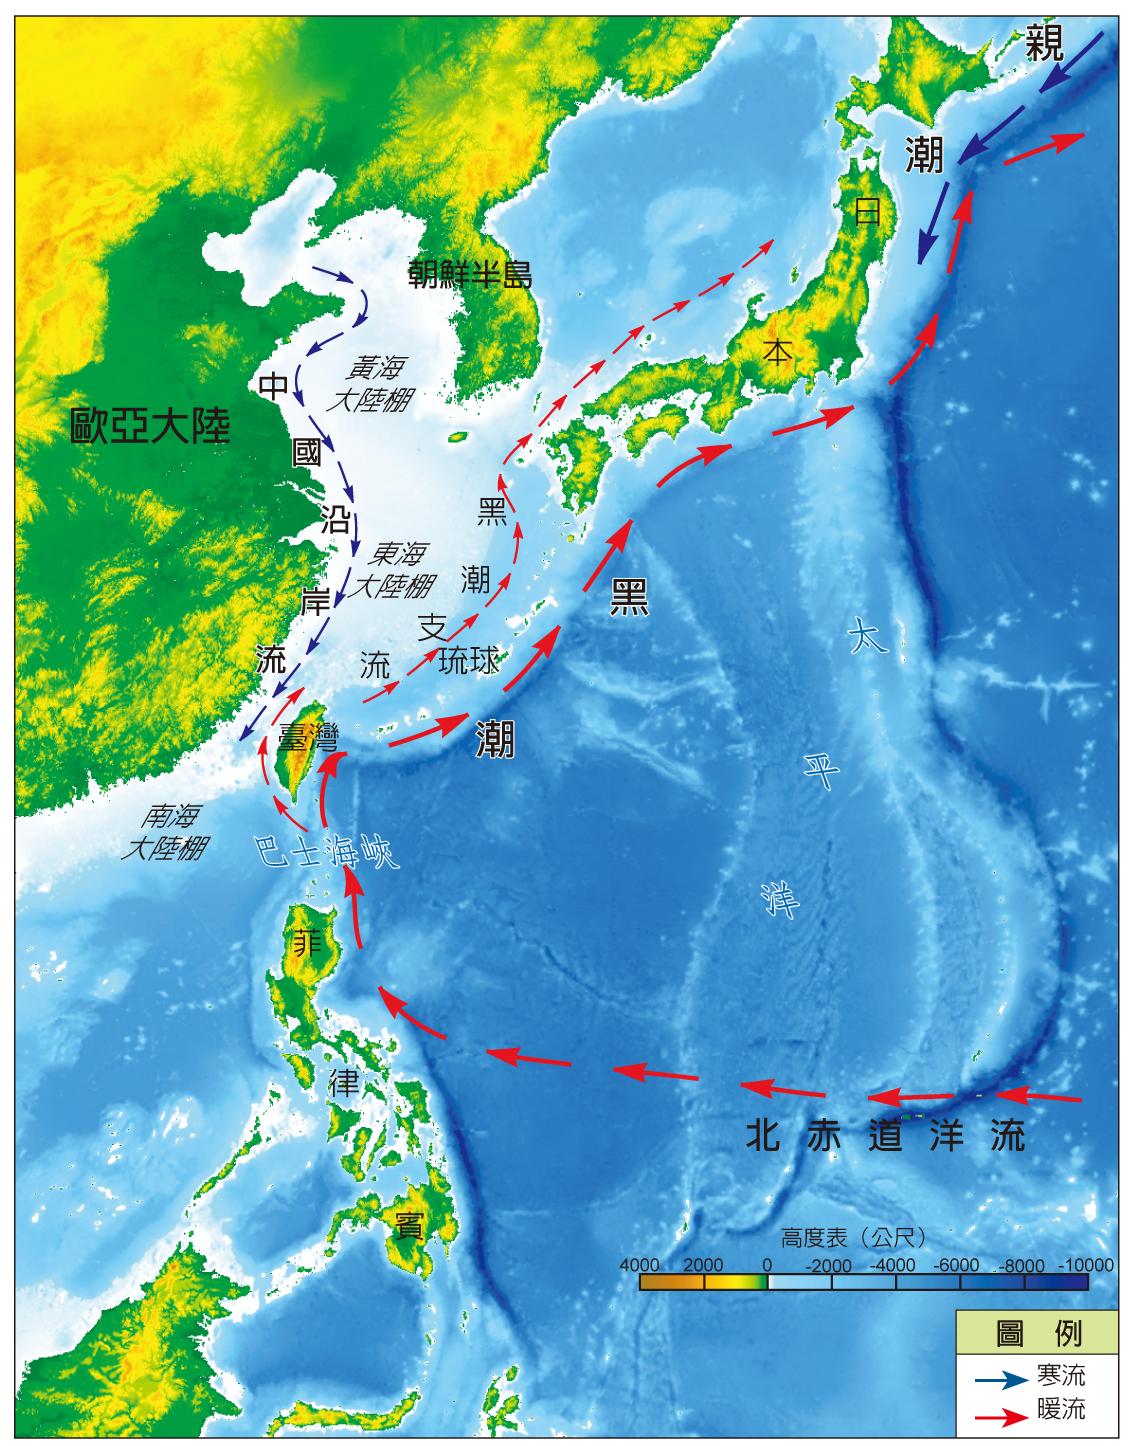 地理教室,無國界: 國一第二冊L2臺灣產業補充資料~臺灣第一級產業上課講義